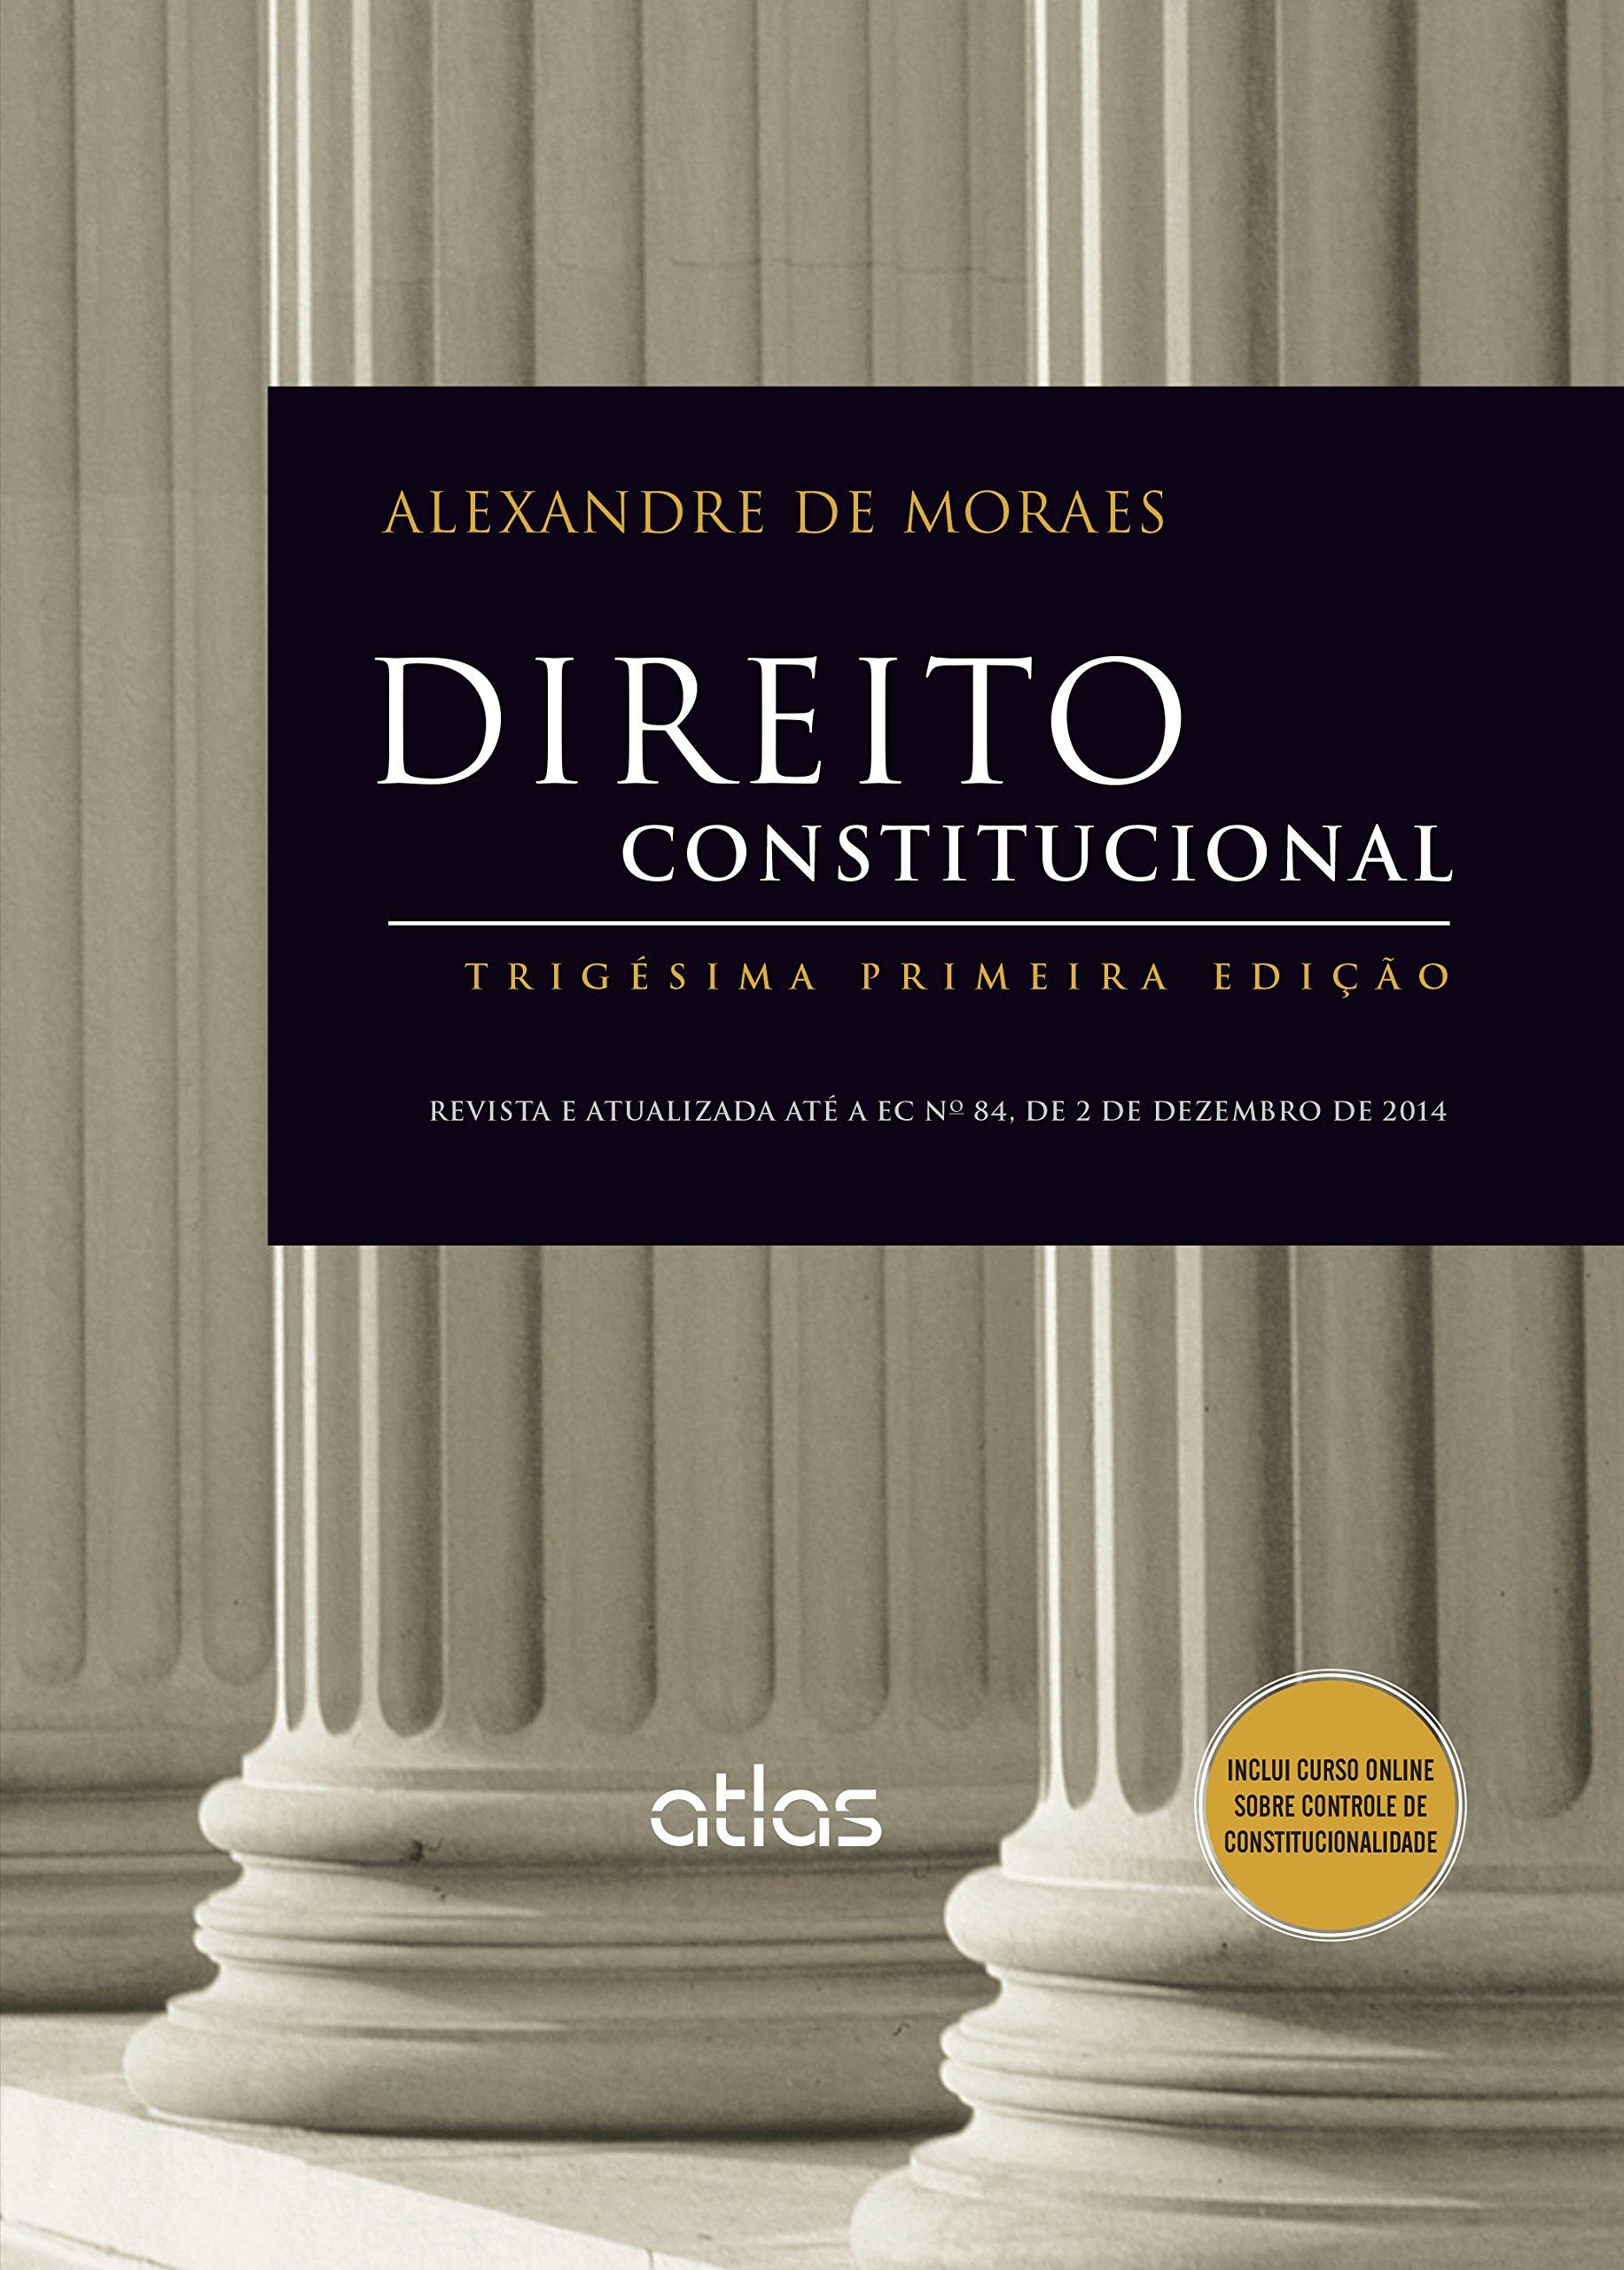 BAIXAR DIREITO CONSTITUCIONAL DESCOMPLICADO 2012 ...